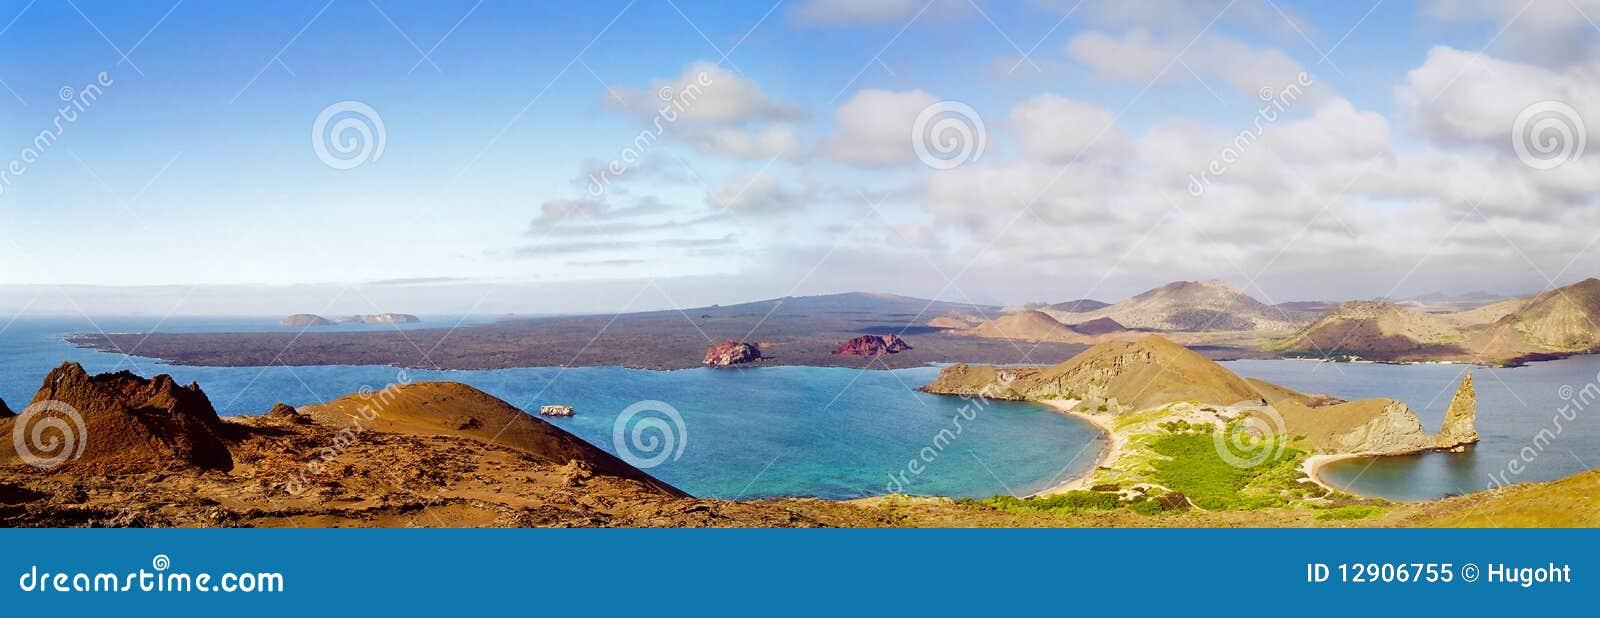 Het panorama van de Eilanden van de Galapagos